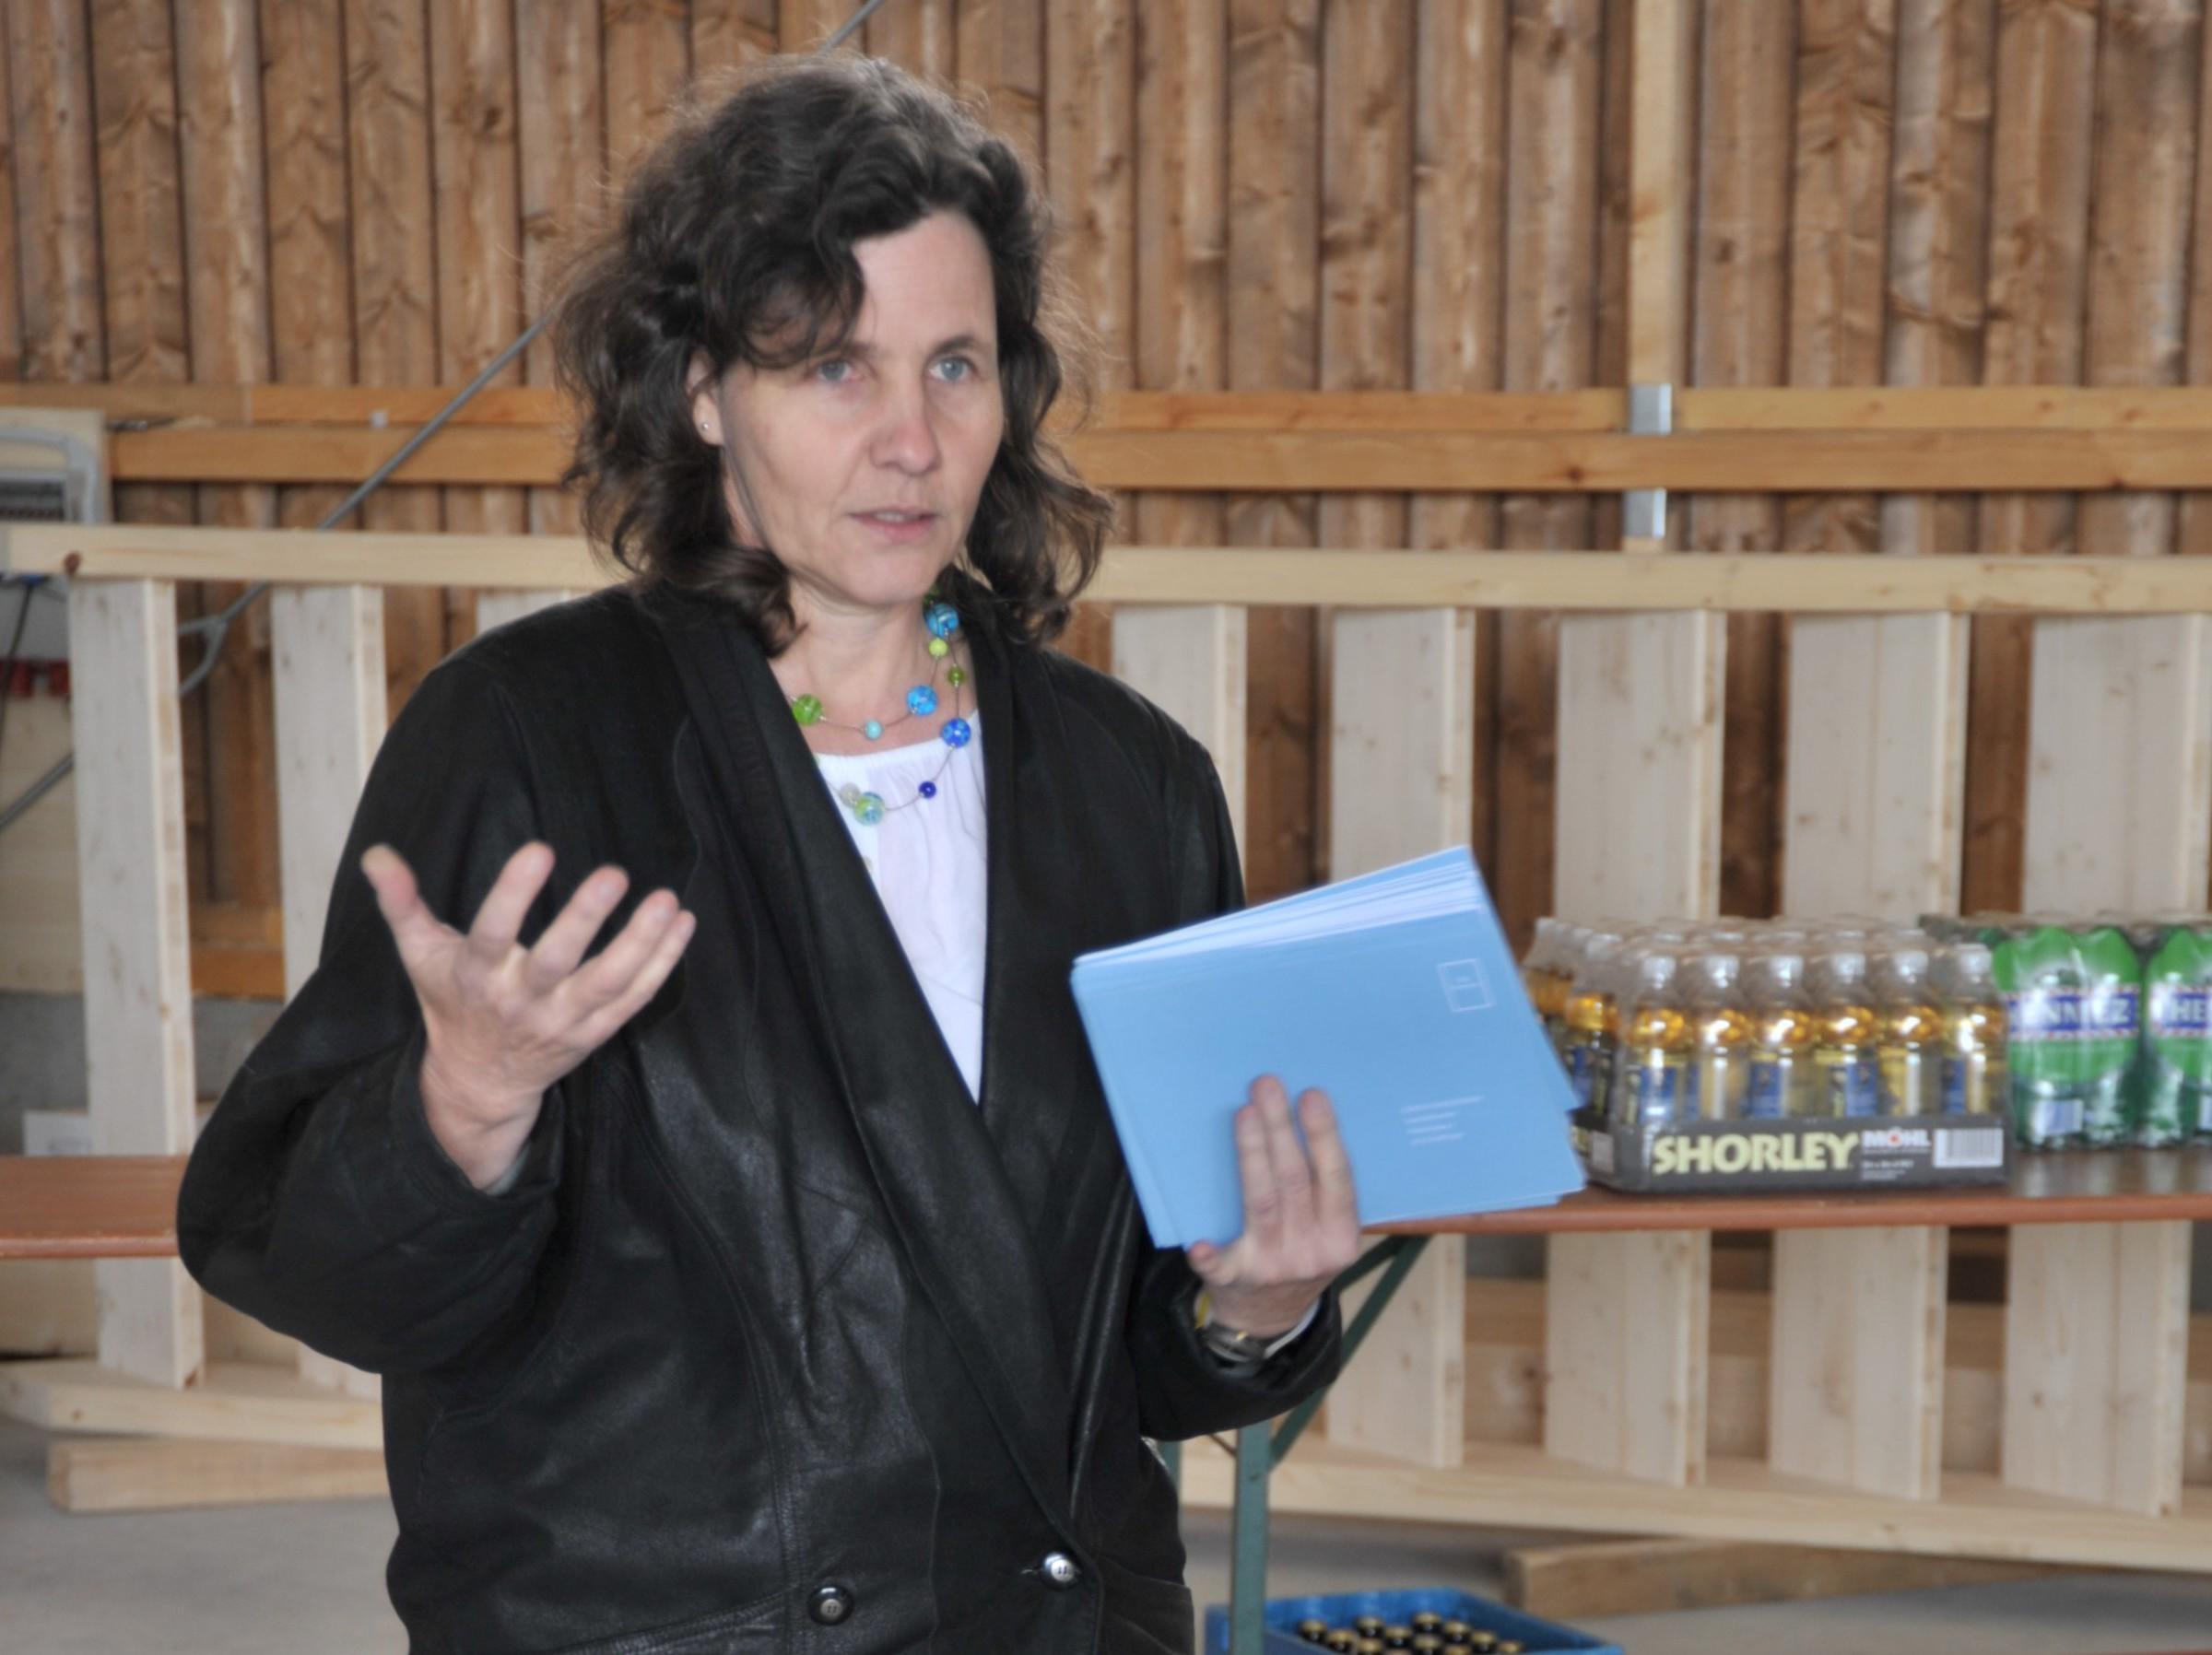 Barbara Schaffner stellt die Ziele von ZÜRICH ERNEUERBAR vor und weist auf die bevorstehenden Veranstaltungen hin.